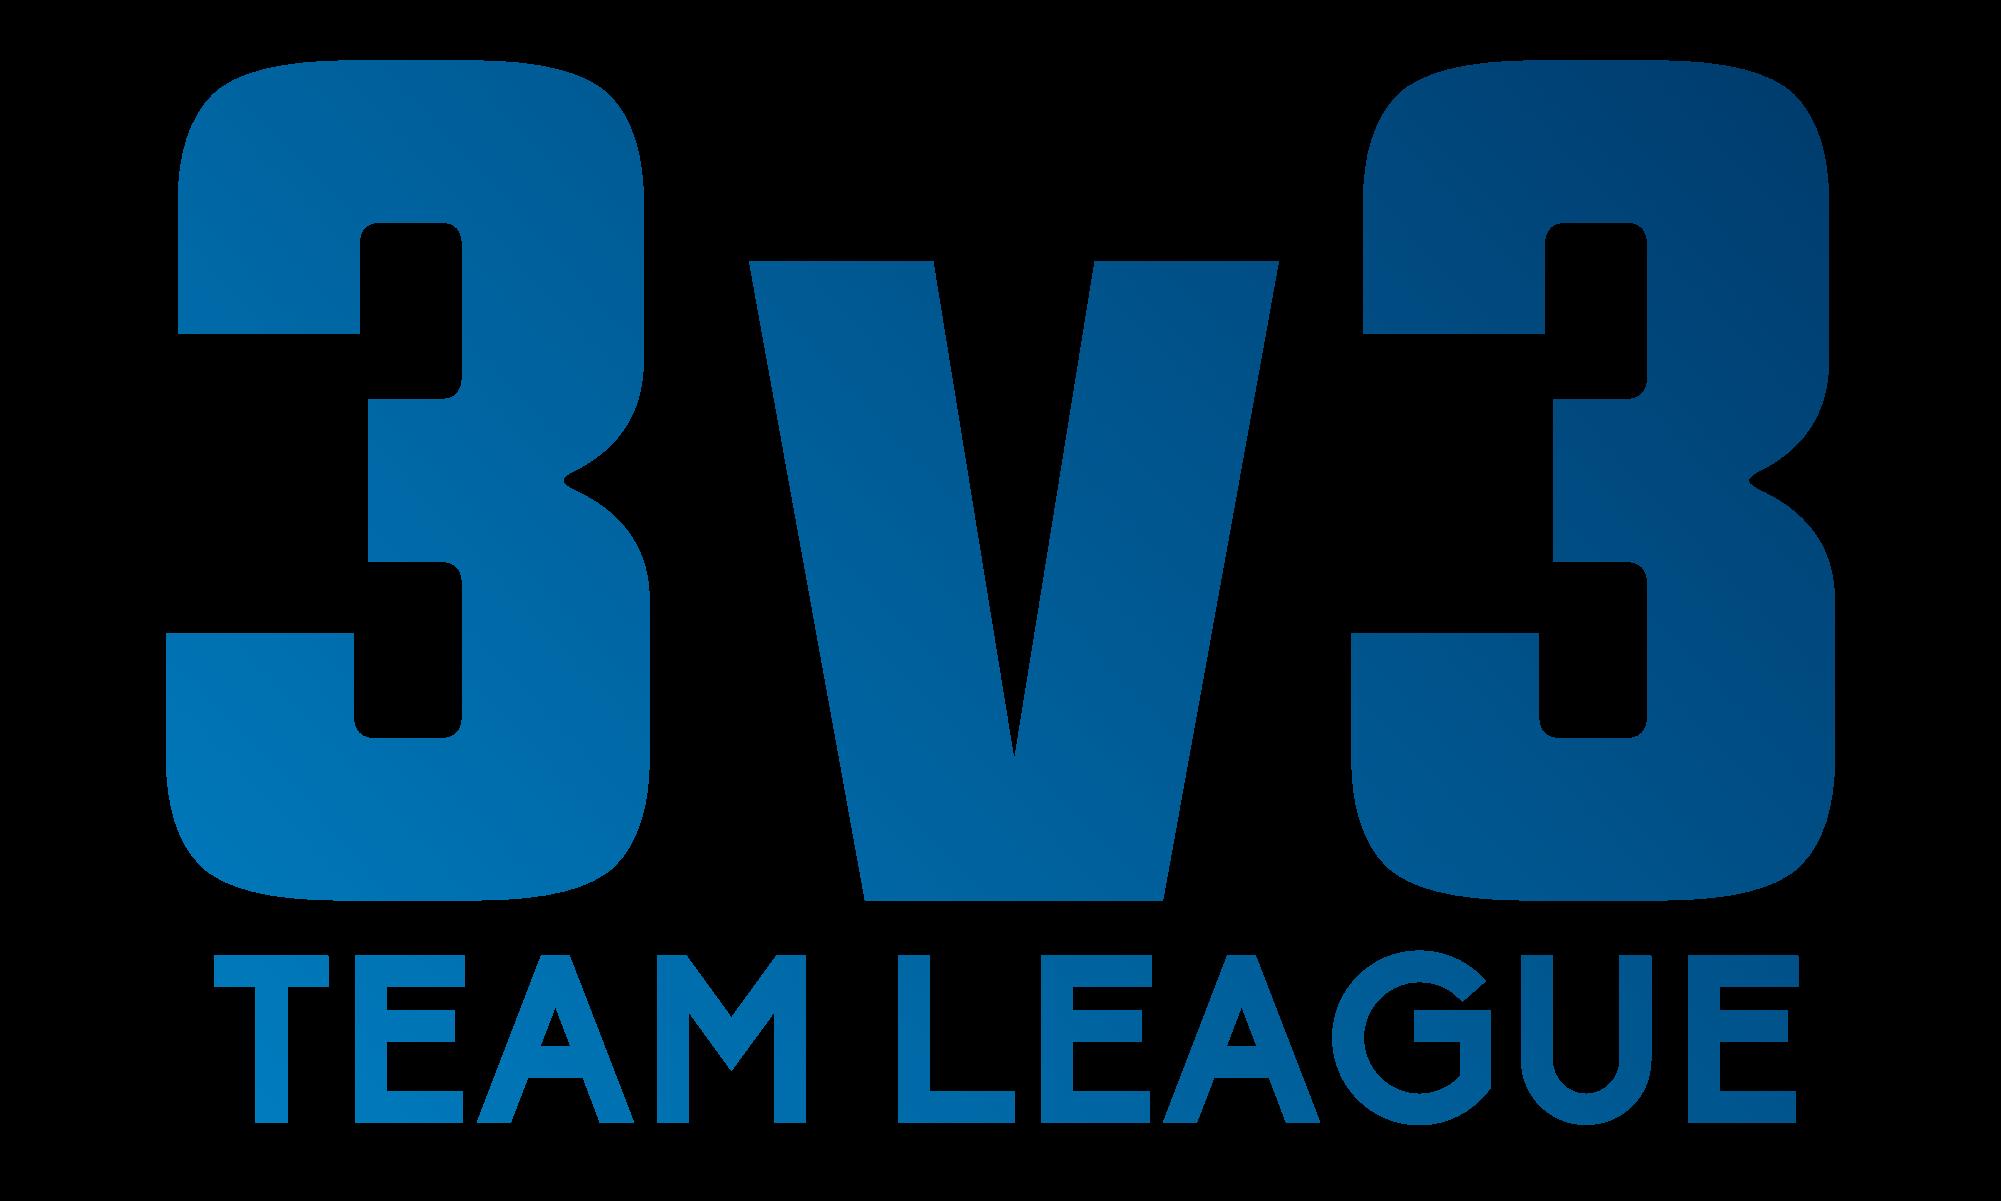 3v3 team league